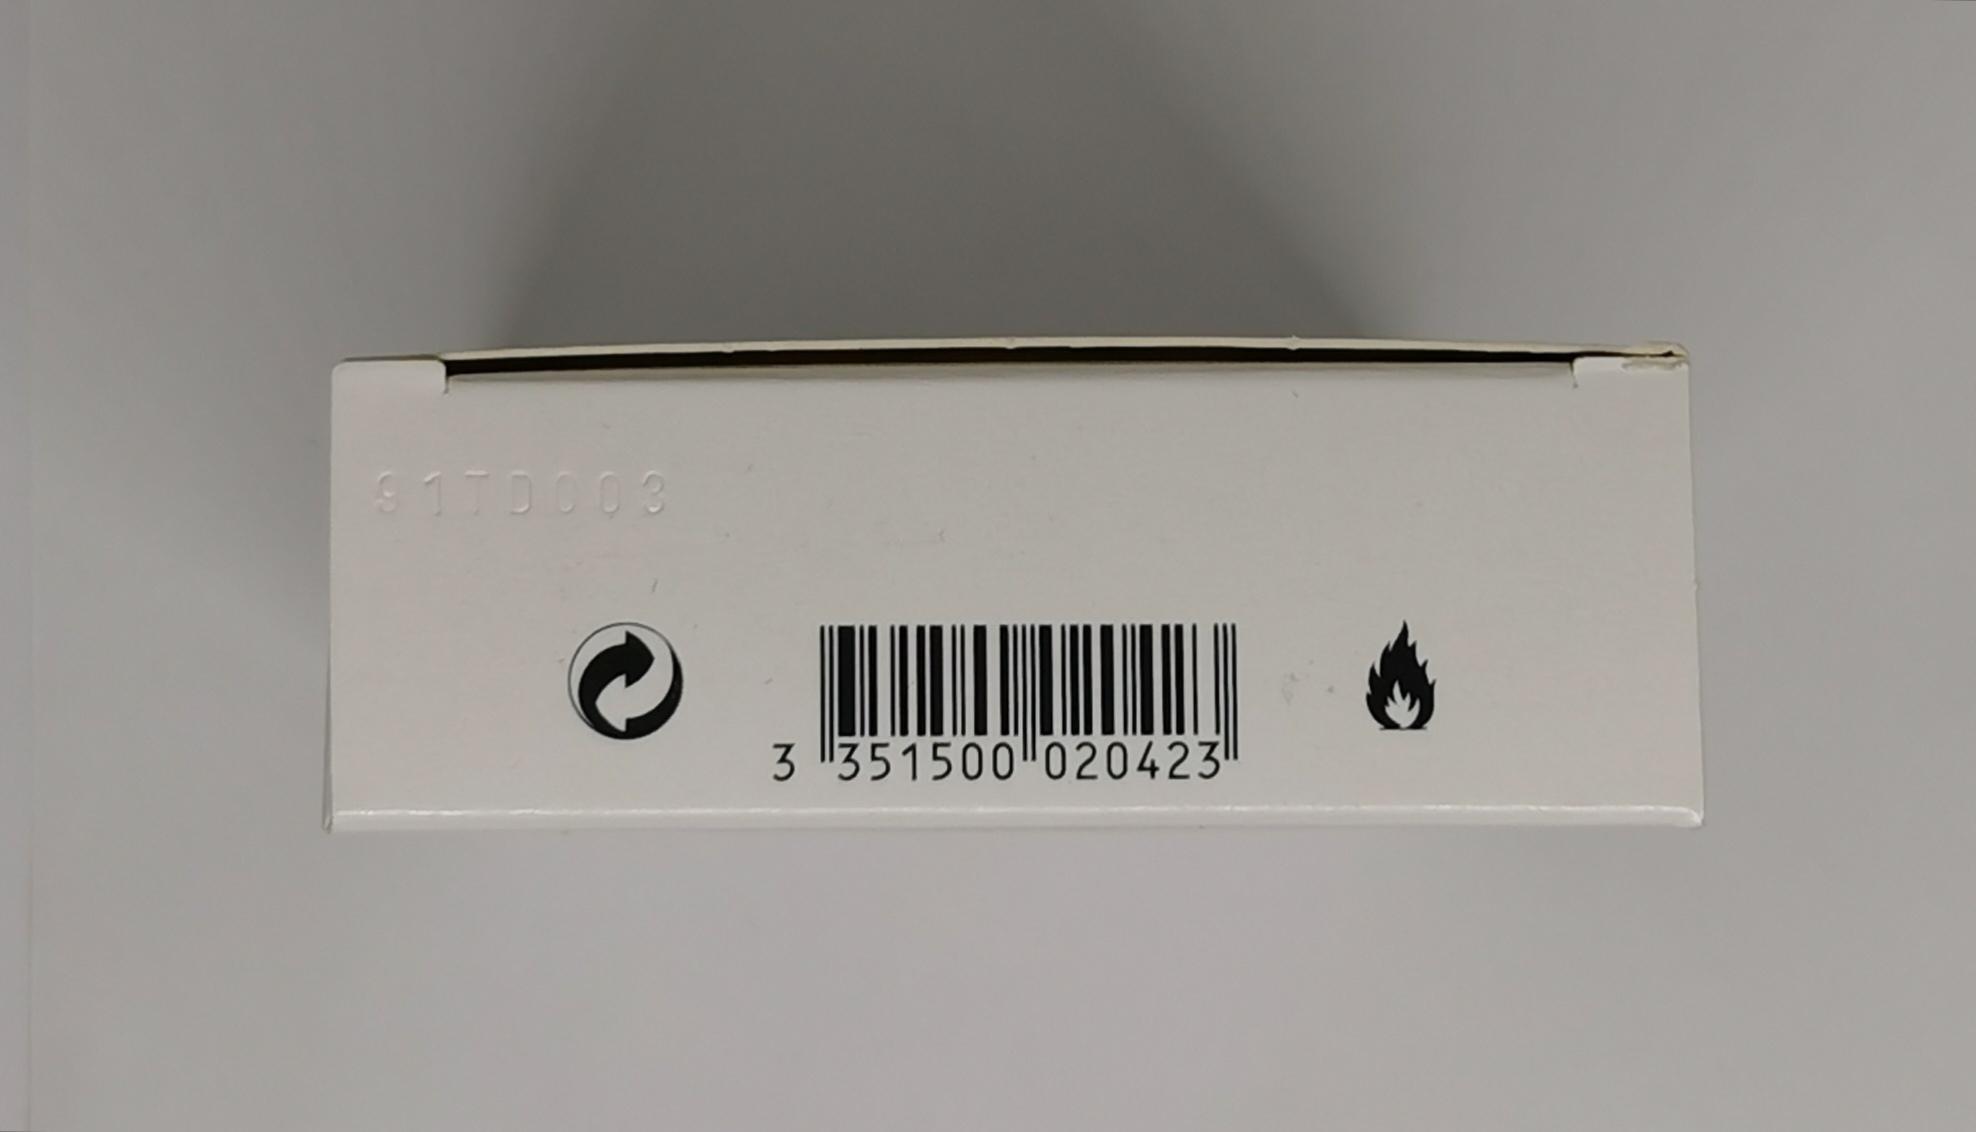 Туалетная вода (тестер) 100 мл Azzaro Chrome - фото штрих-кода и батч-кода на коробке